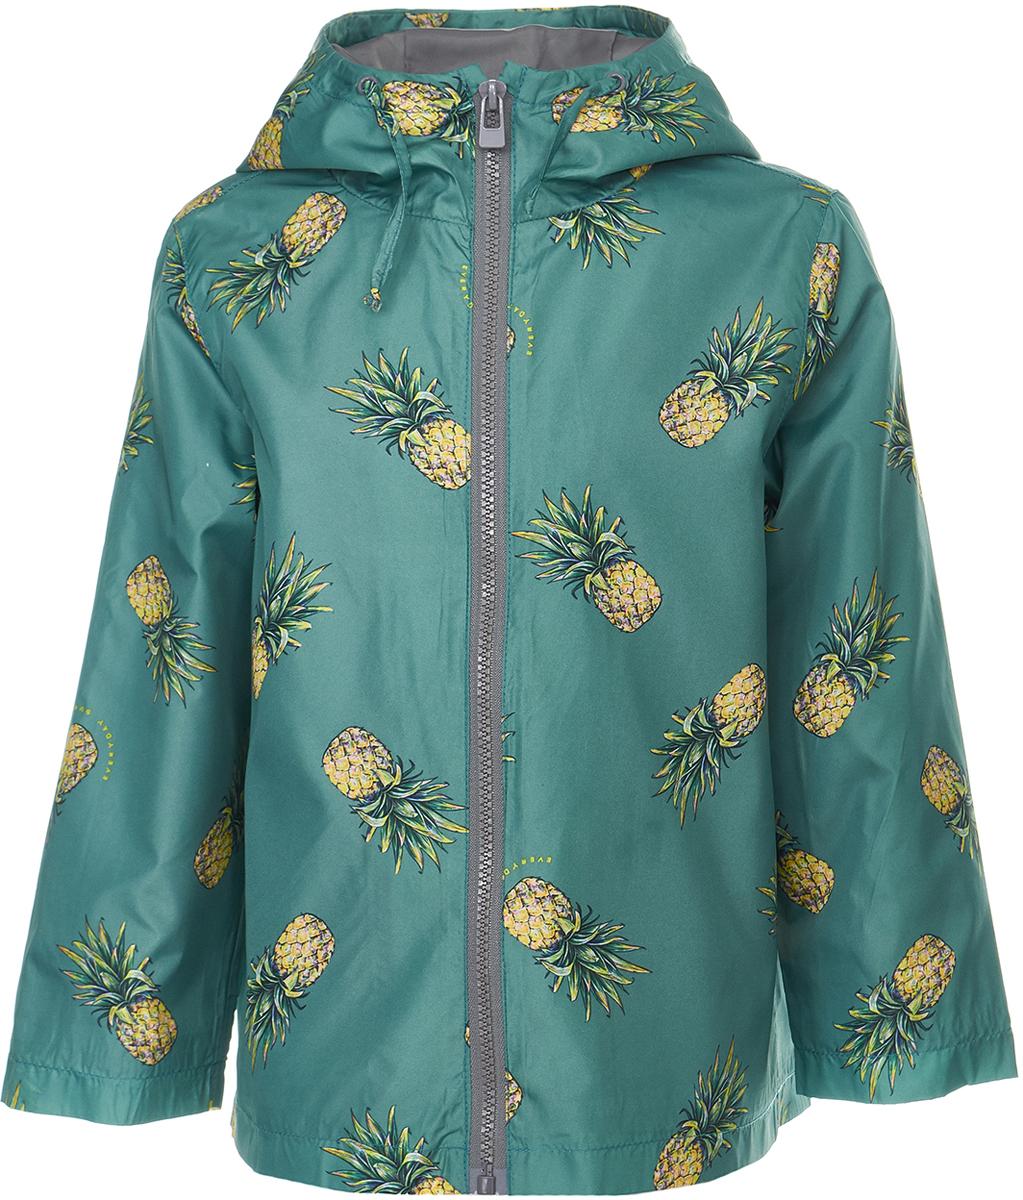 Ветровка для девочки Button Blue, цвет: бирюзовый. 118BBGC40040013. Размер 98118BBGC40040013Яркая и позитивная куртка-ветровка всегда поднимет настроение, даже в самый ветреный и дождливый день! Модель с длинными рукавами и капюшоном застегивается на молнию. Куртка может похвастать не только модным дизайном и оригинальным рисунком, она удобная, свободная и дарит своей владелице максимальный комфорт. Отличный вариант для того, кто ищет качественную вещь по выгодной цене.